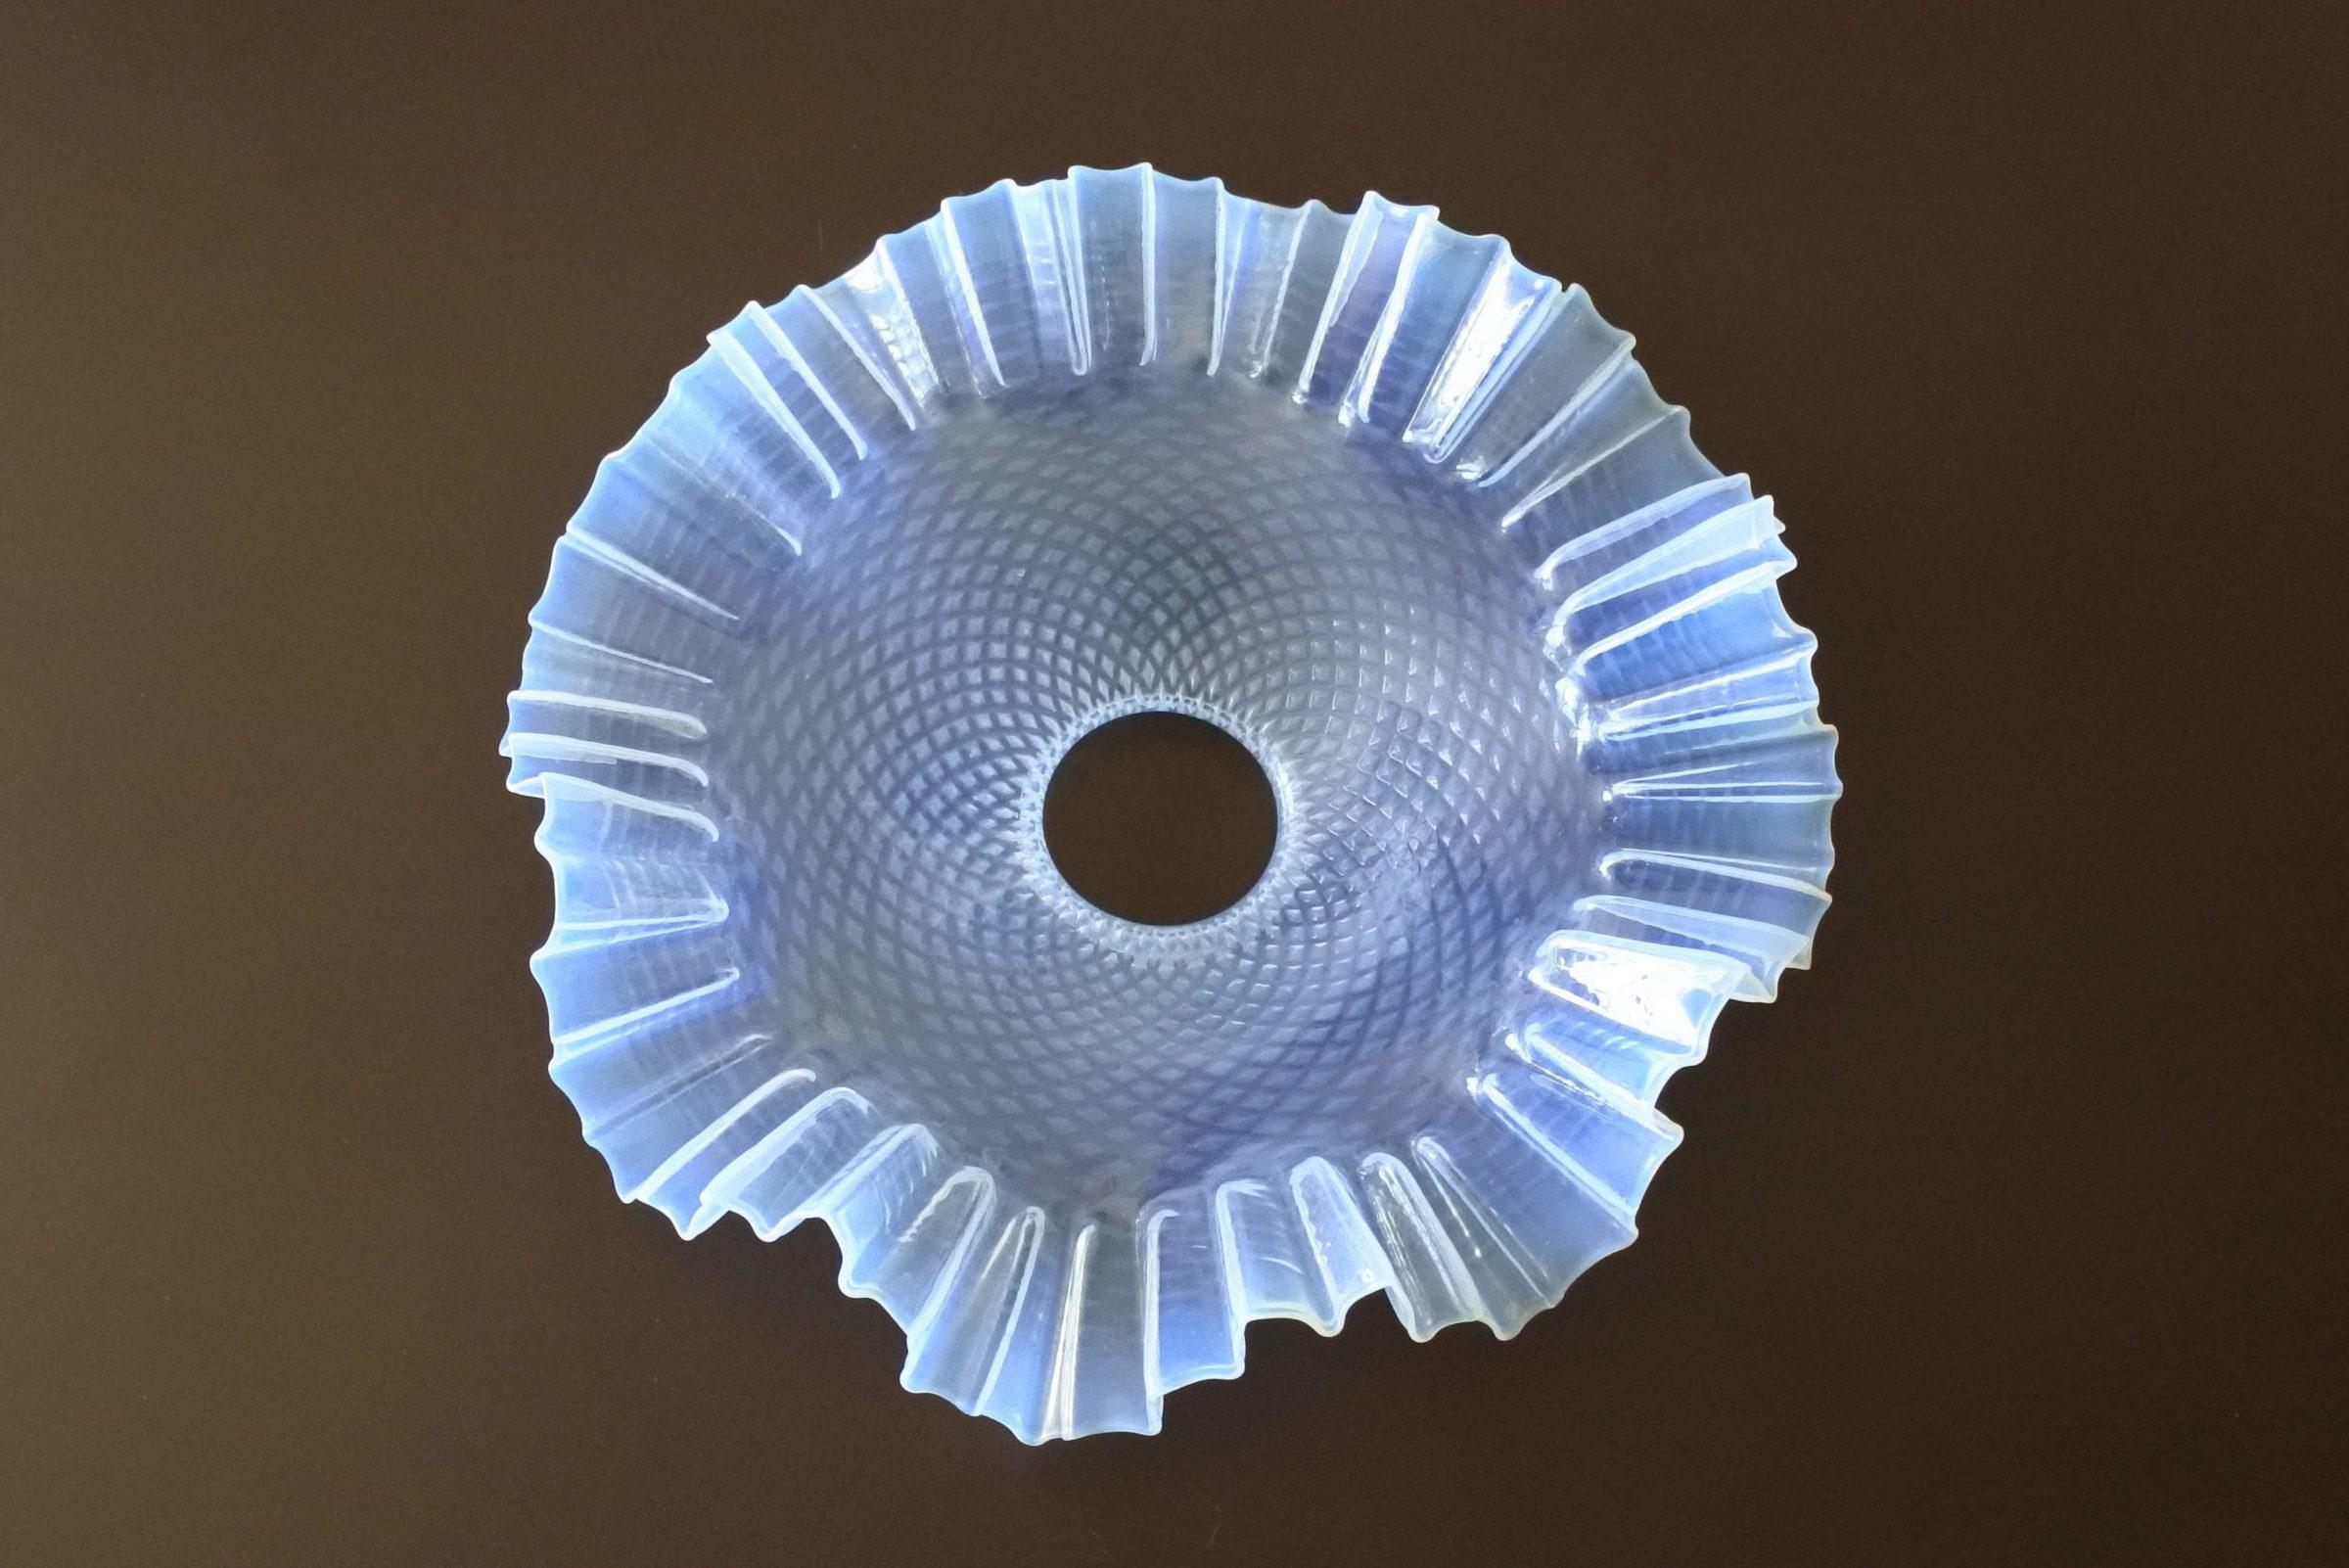 Vetro opalino iridescente per lampada a sospensione - 2